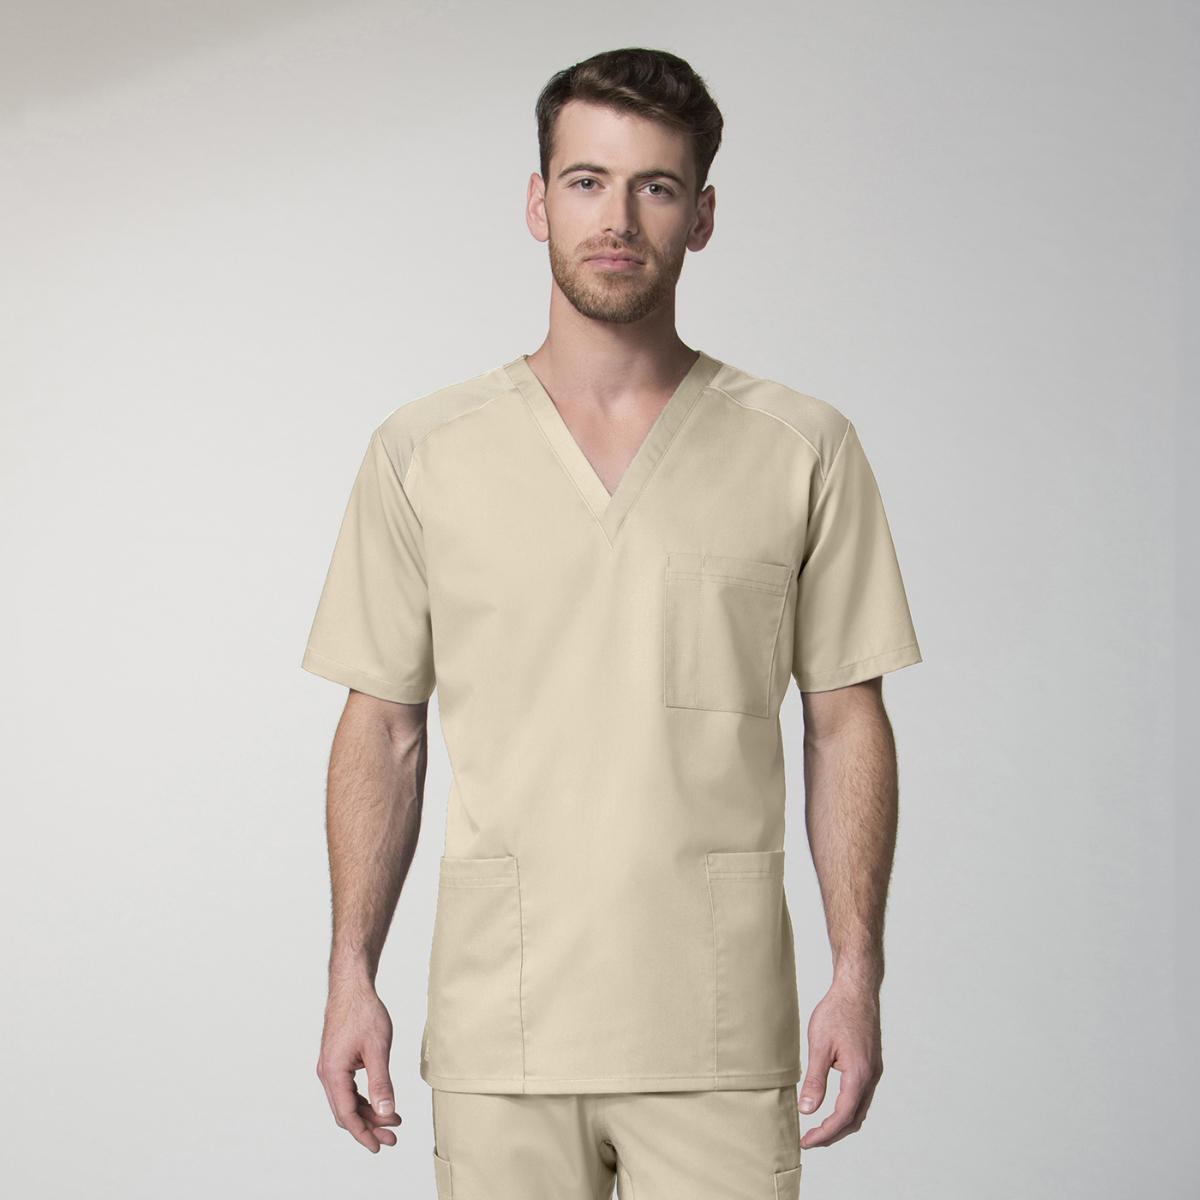 03356f10981 Buy Shop EON EON Active – Maevn Online in IL – Uniform Outlet Inc.